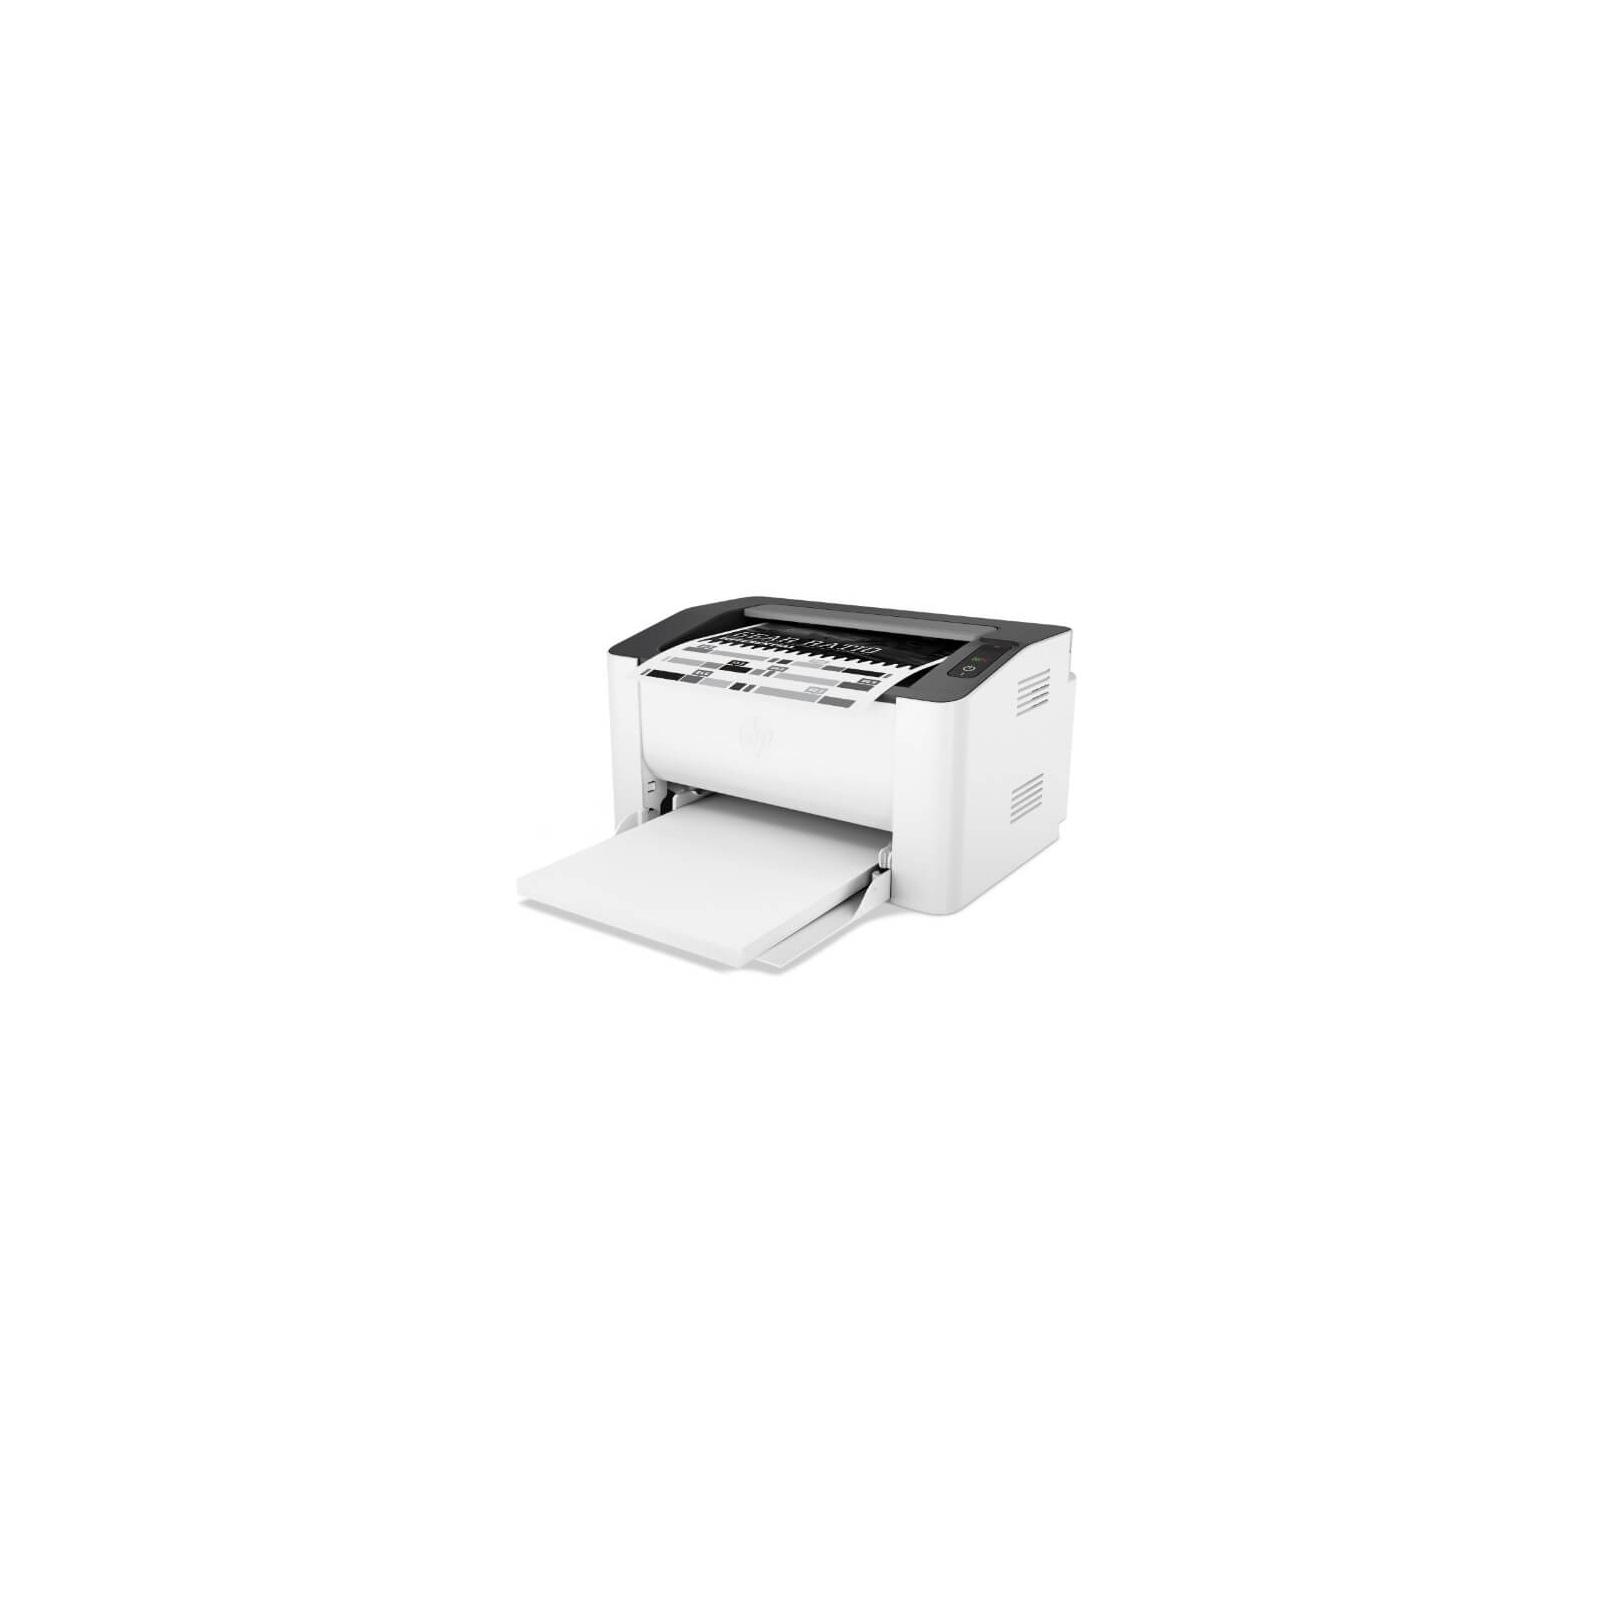 Лазерный принтер HP LaserJet 107a (4ZB77A) изображение 6